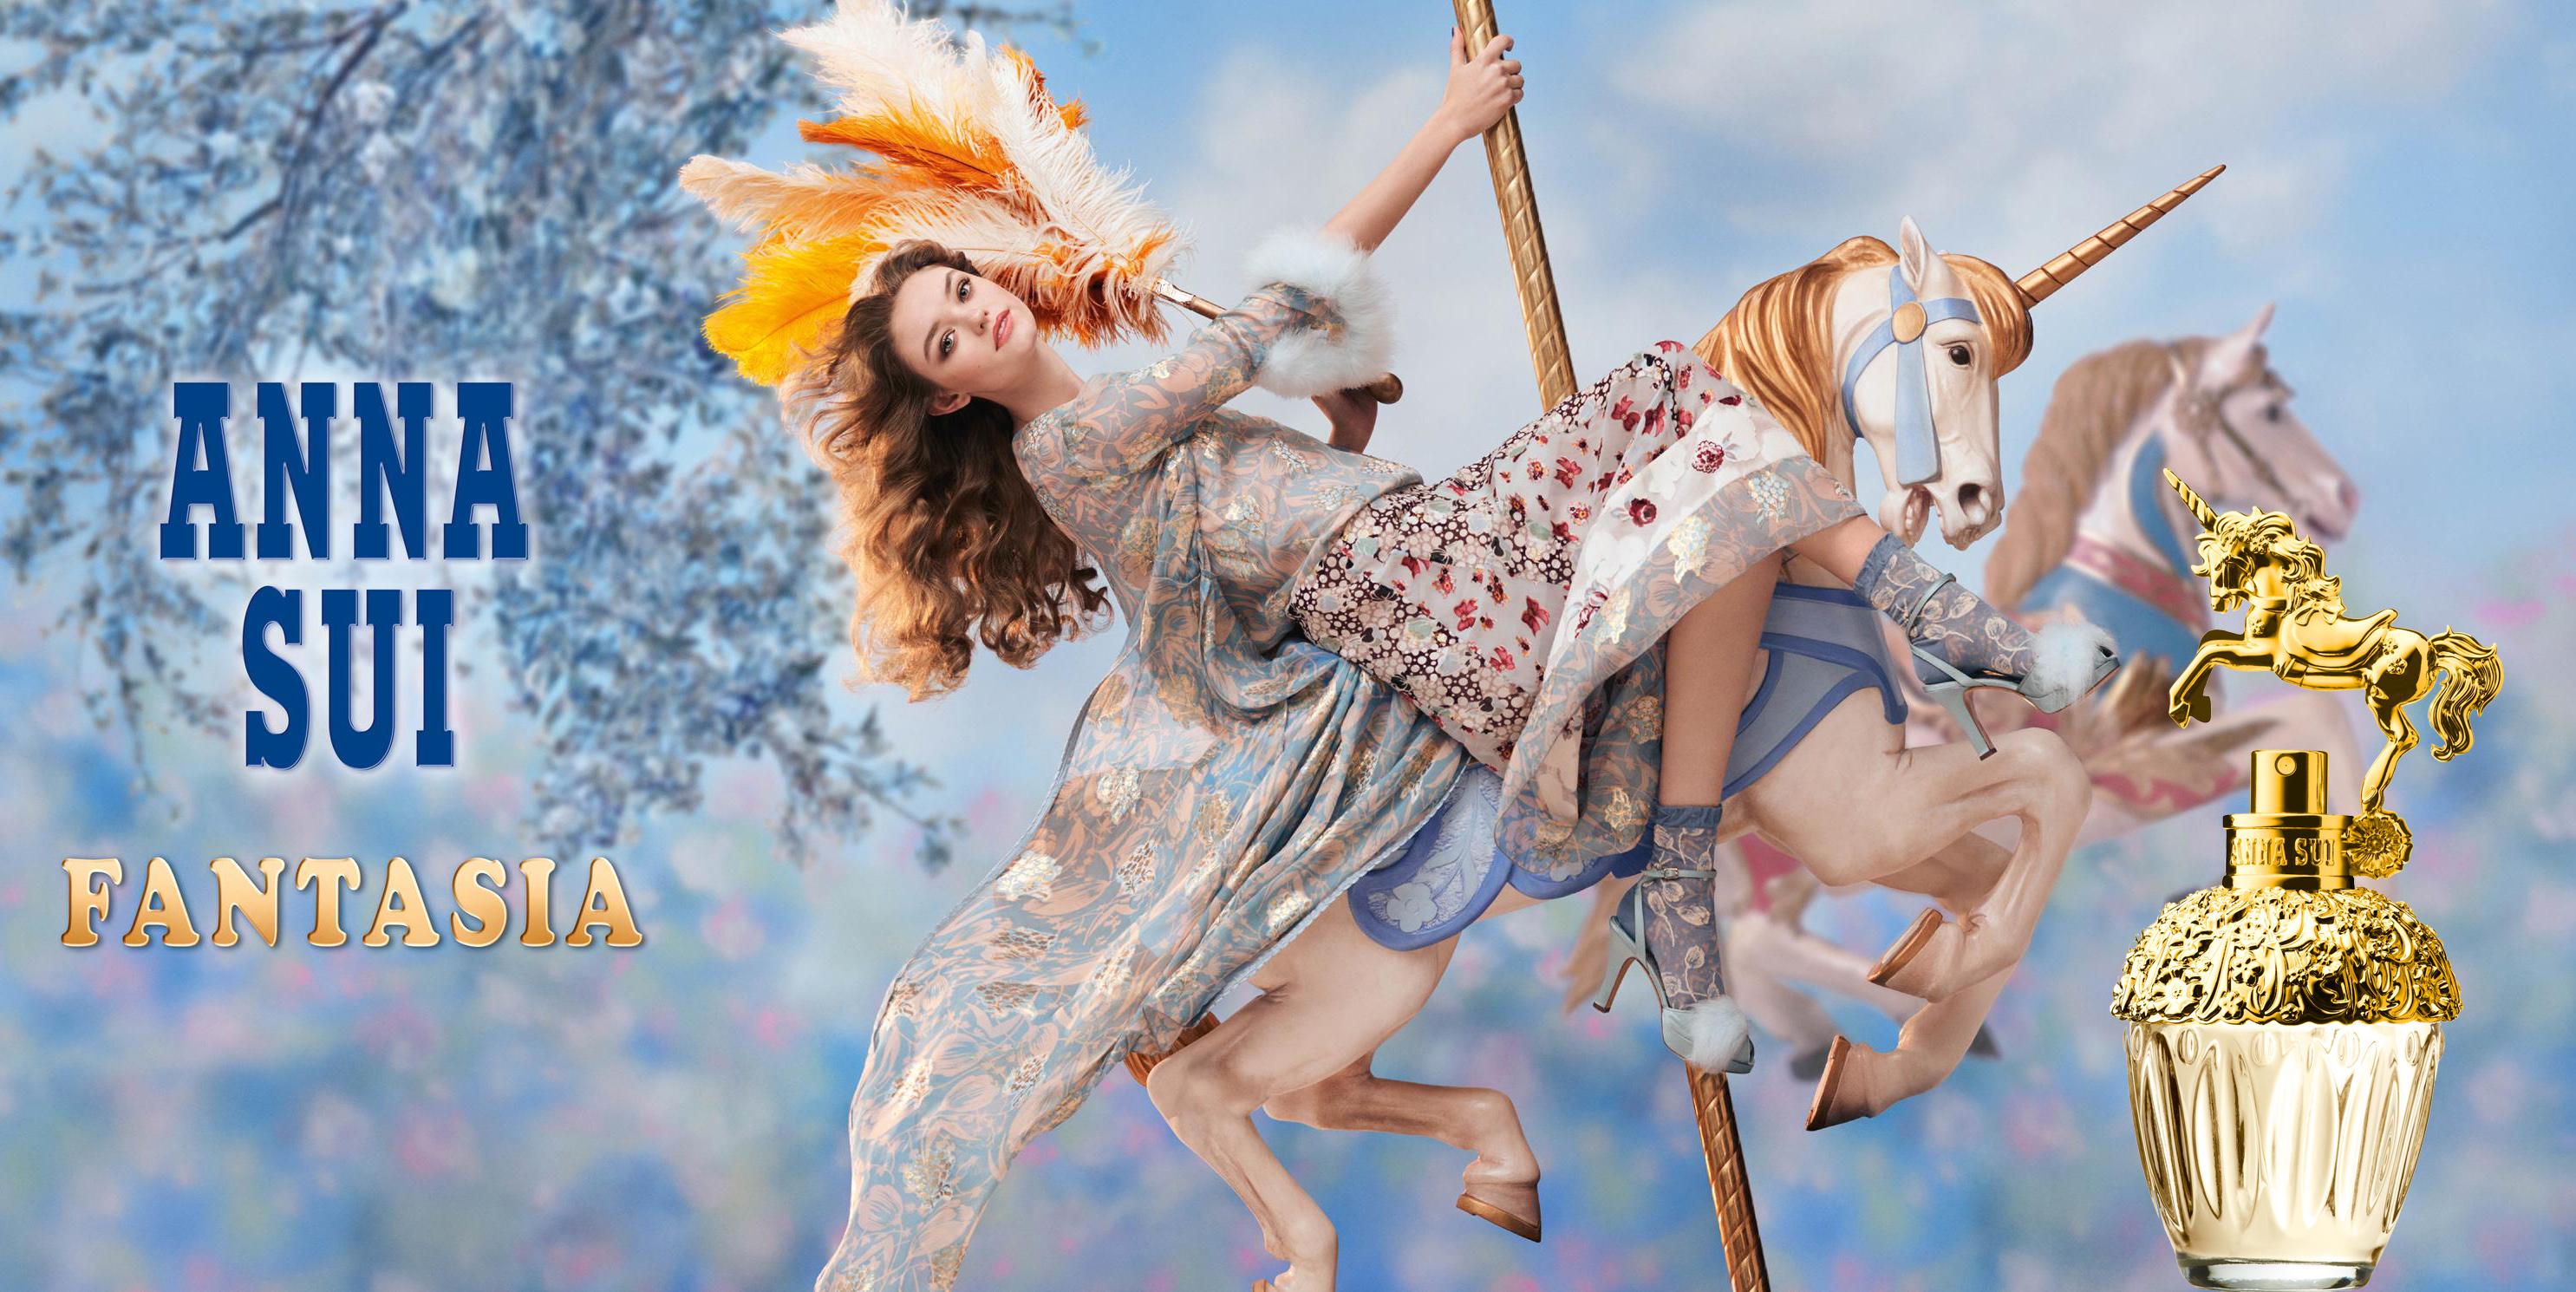 Anna Sui Fantasia 童話獨角獸 香氛禮盒 獨家首賣